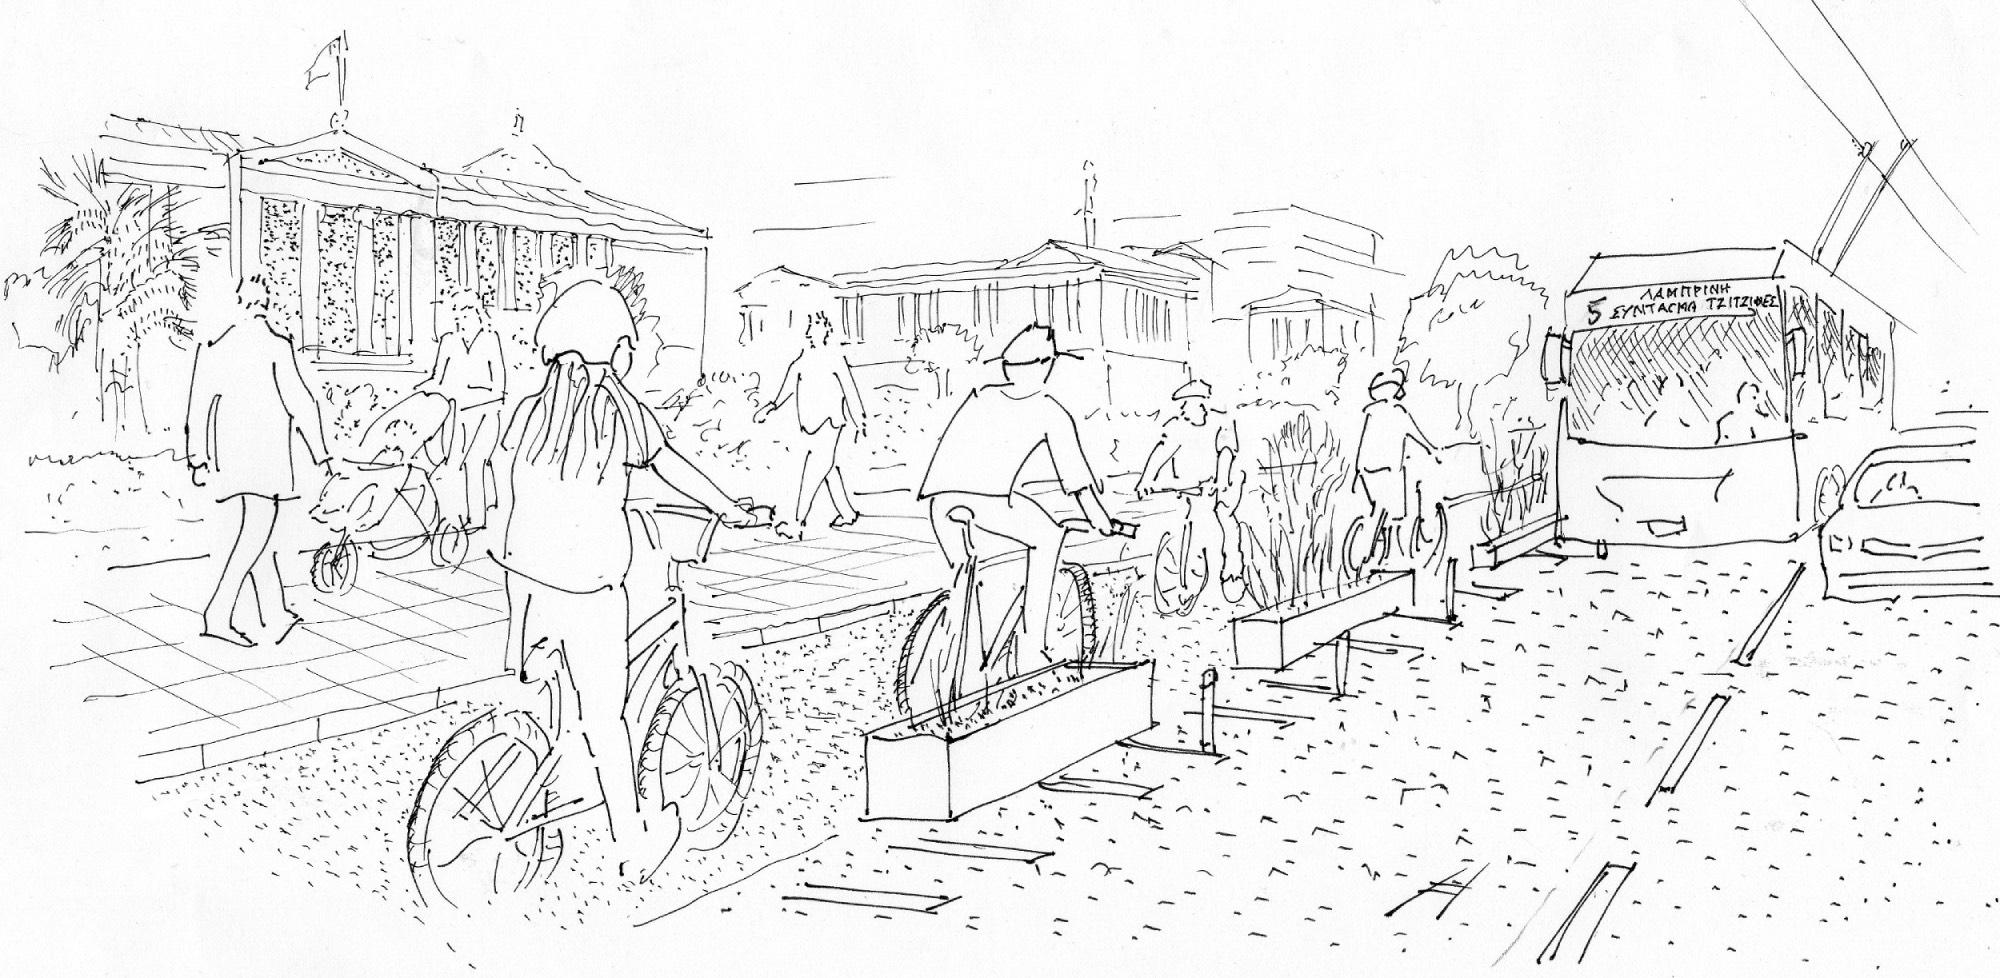 Σχετικά με την πρόταση για το κέντρο της Αθήνας